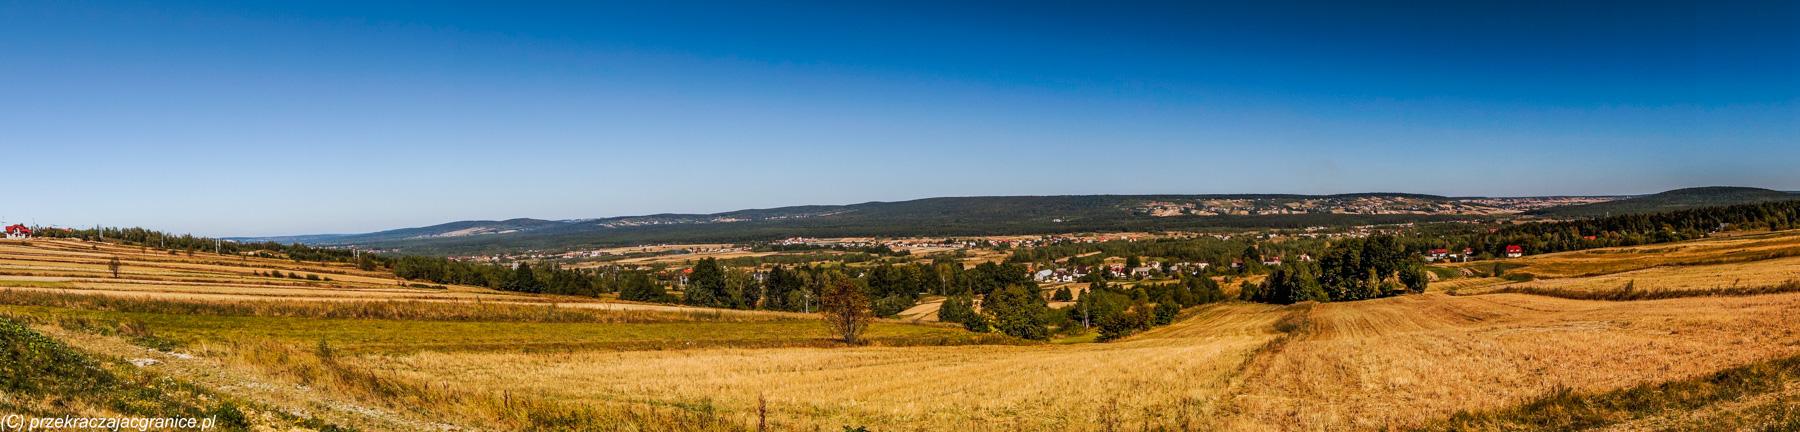 Panorama4 Gór Świętokrzyskich w okolicach Świętej Katarzyny